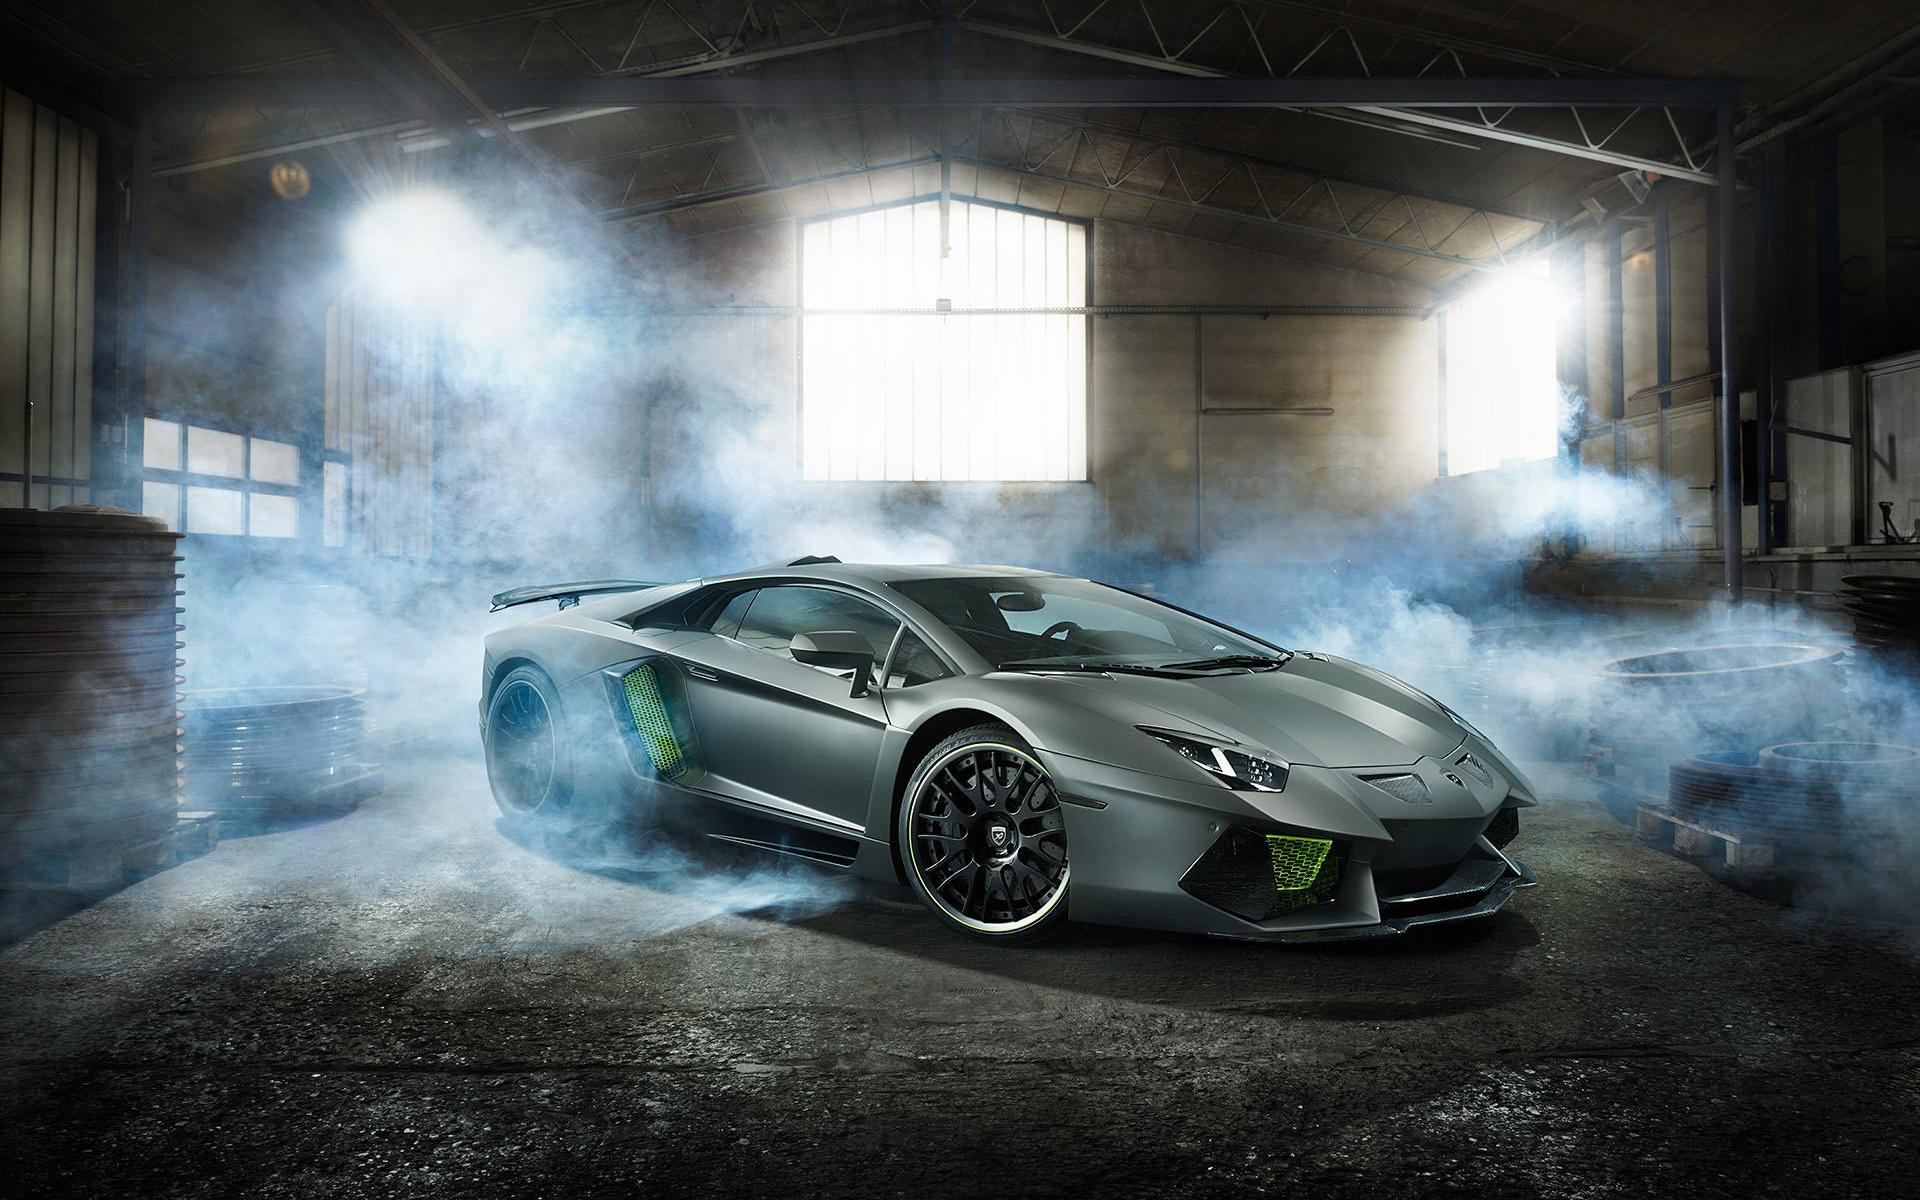 2014 Hamann Lamborghini Aventador by hdwallpapersin 1920x1200